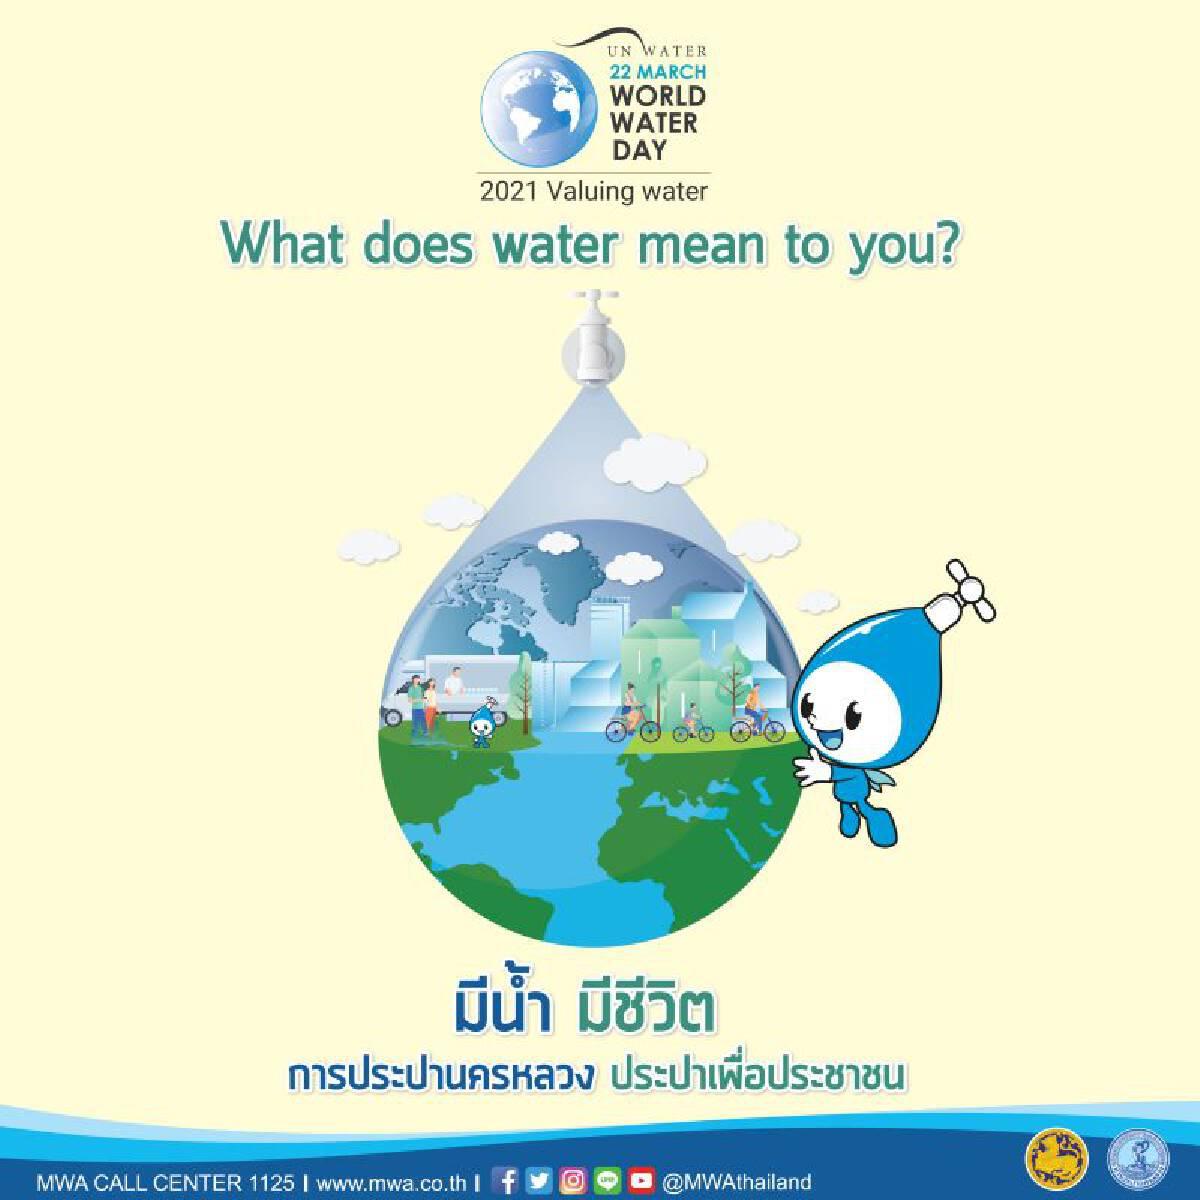 วันน้ำโลก 22 มี.ค.: ใช้น้ำอย่างประหยัดรู้คุณค่า